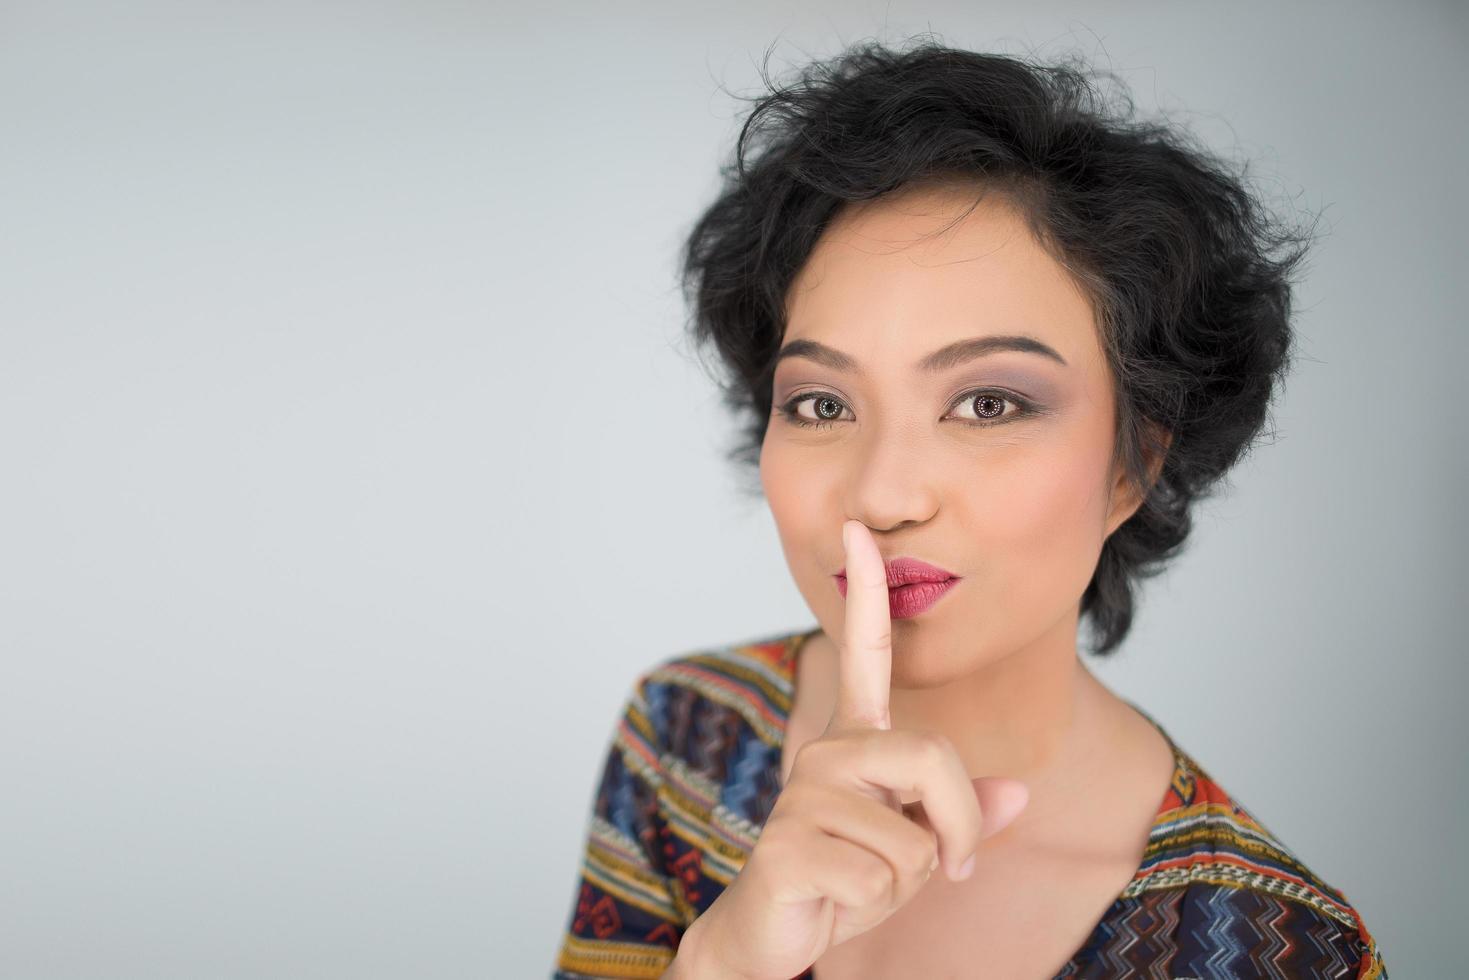 jonge vrouw maakt stil gebaar op witte achtergrond foto